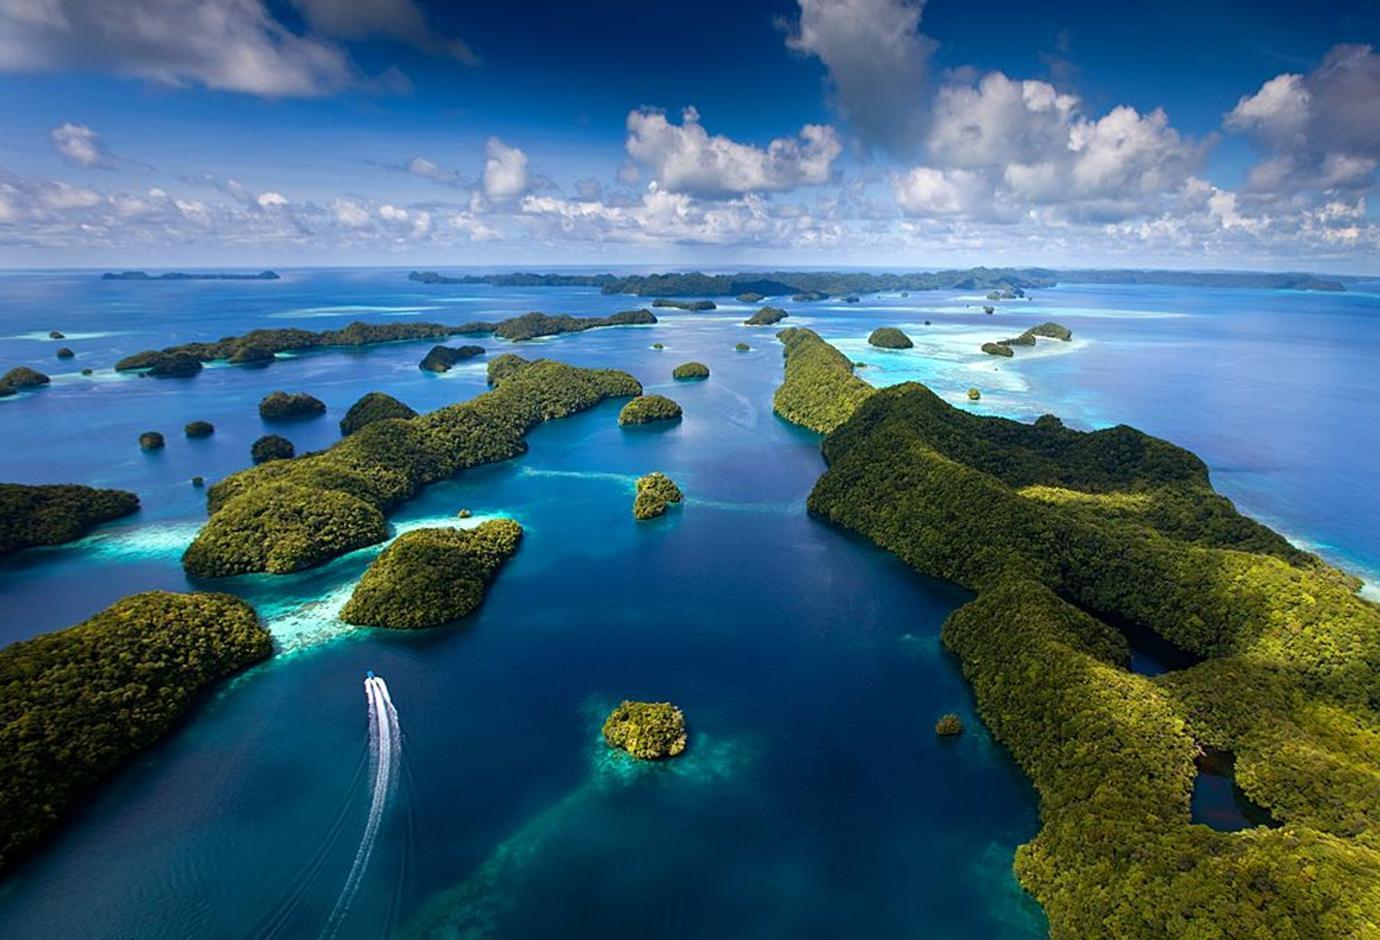 Архипелаг островов в Тихом океане. Палау.